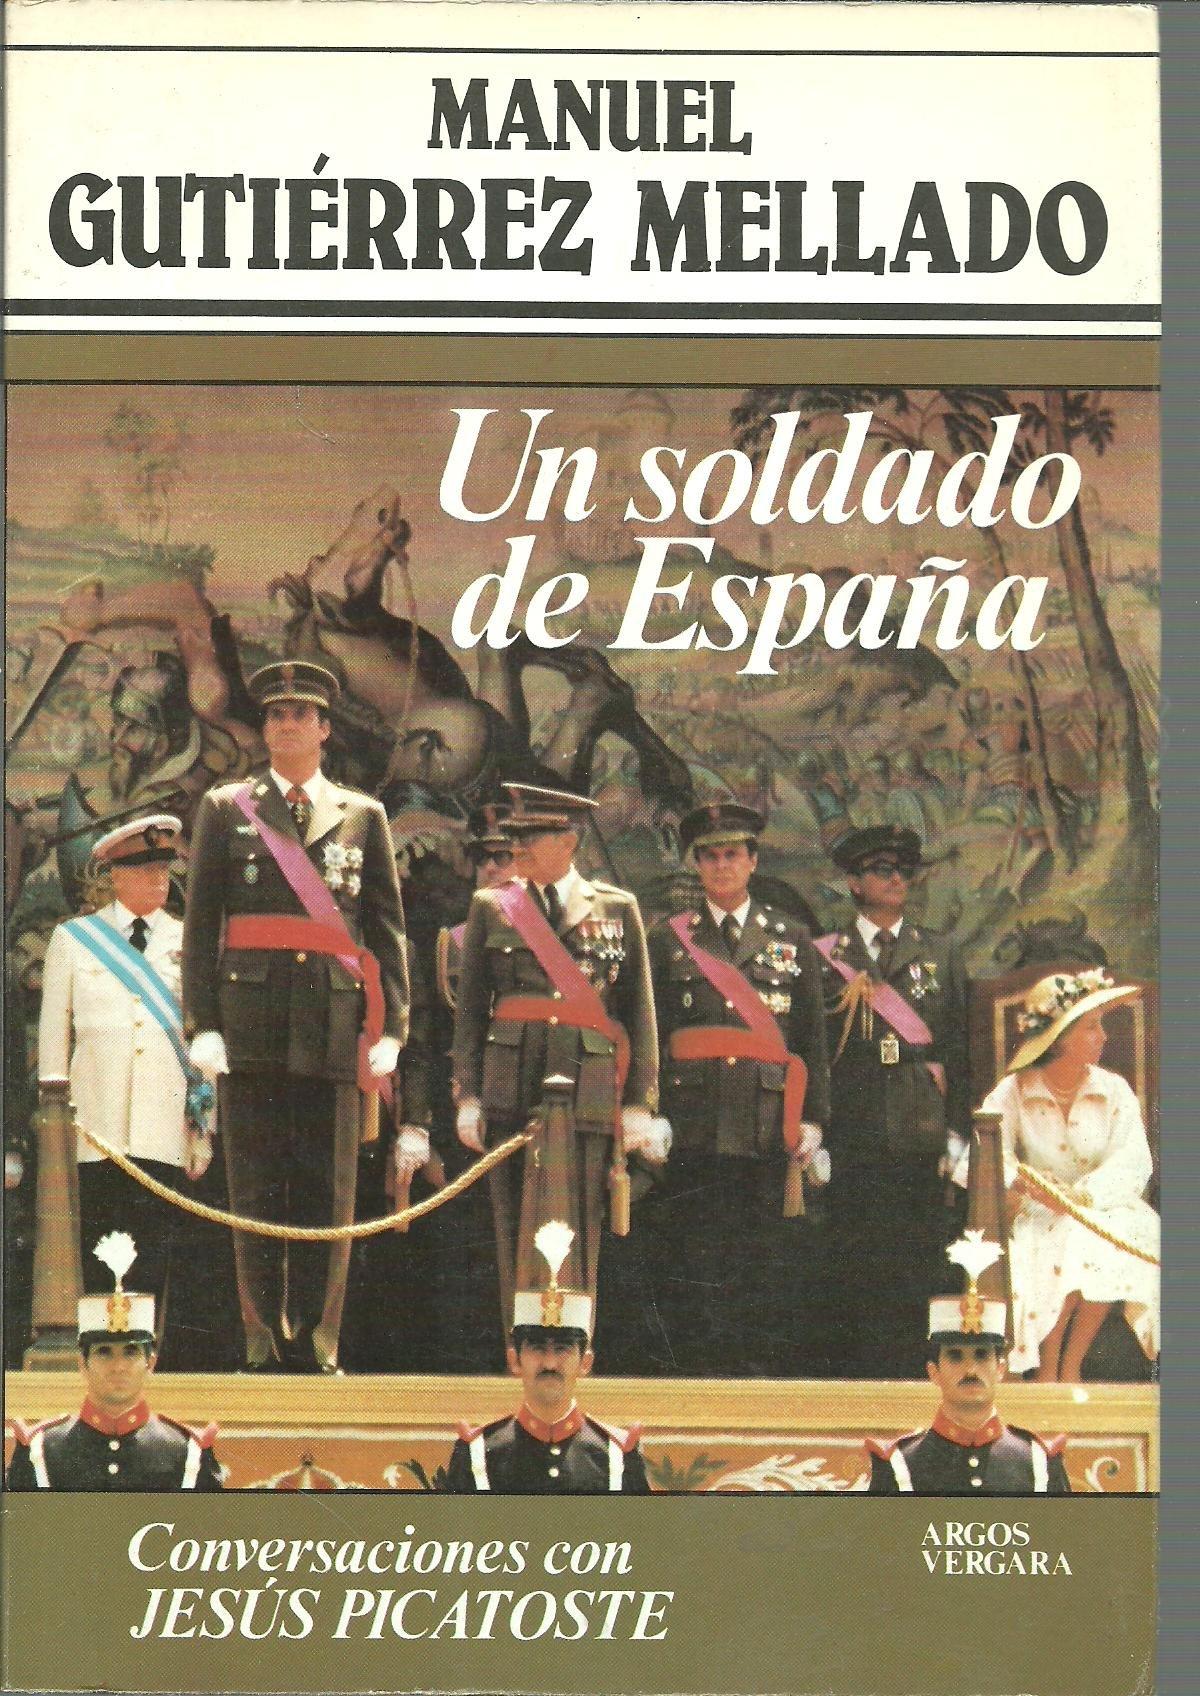 Un soldado de España: Conversaciones con Jesús Picatoste Colección Primera plana: Amazon.es: Gutiérrez Mellado, Manuel: Libros en idiomas extranjeros